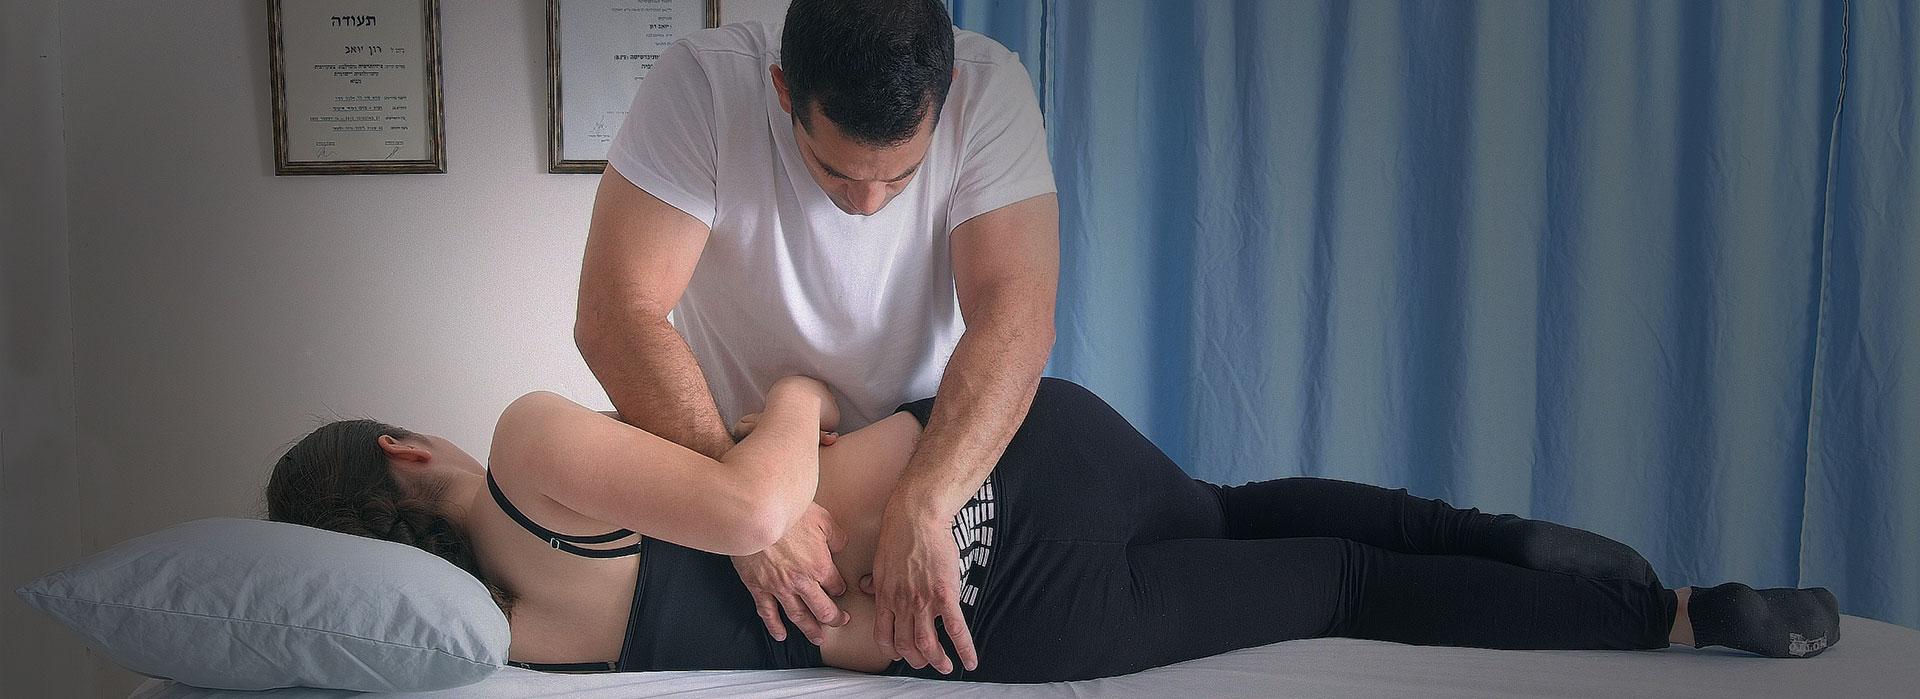 טיפול בכאבי גב תחתון בקליניקה לפיזיותרפיה יואב רון